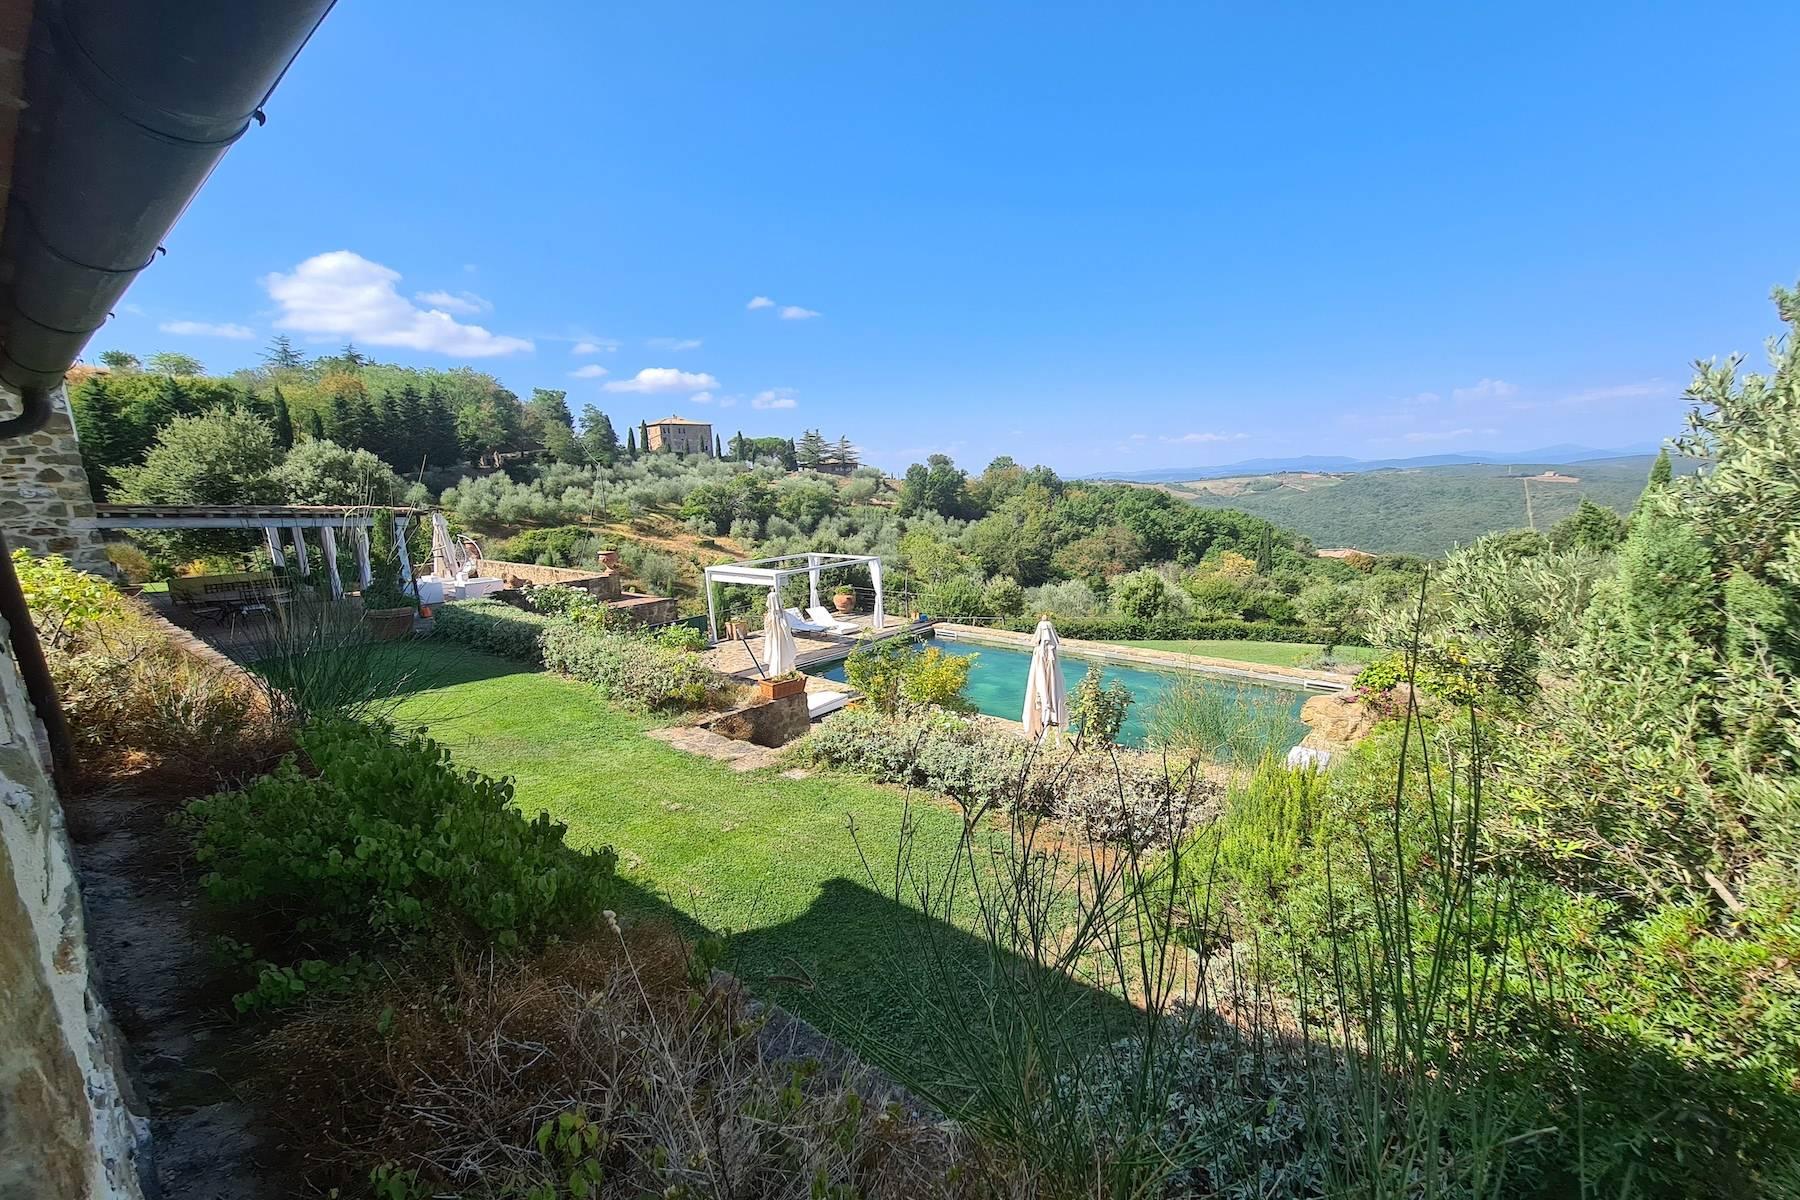 Rustico in Vendita a Montalcino: 5 locali, 300 mq - Foto 28